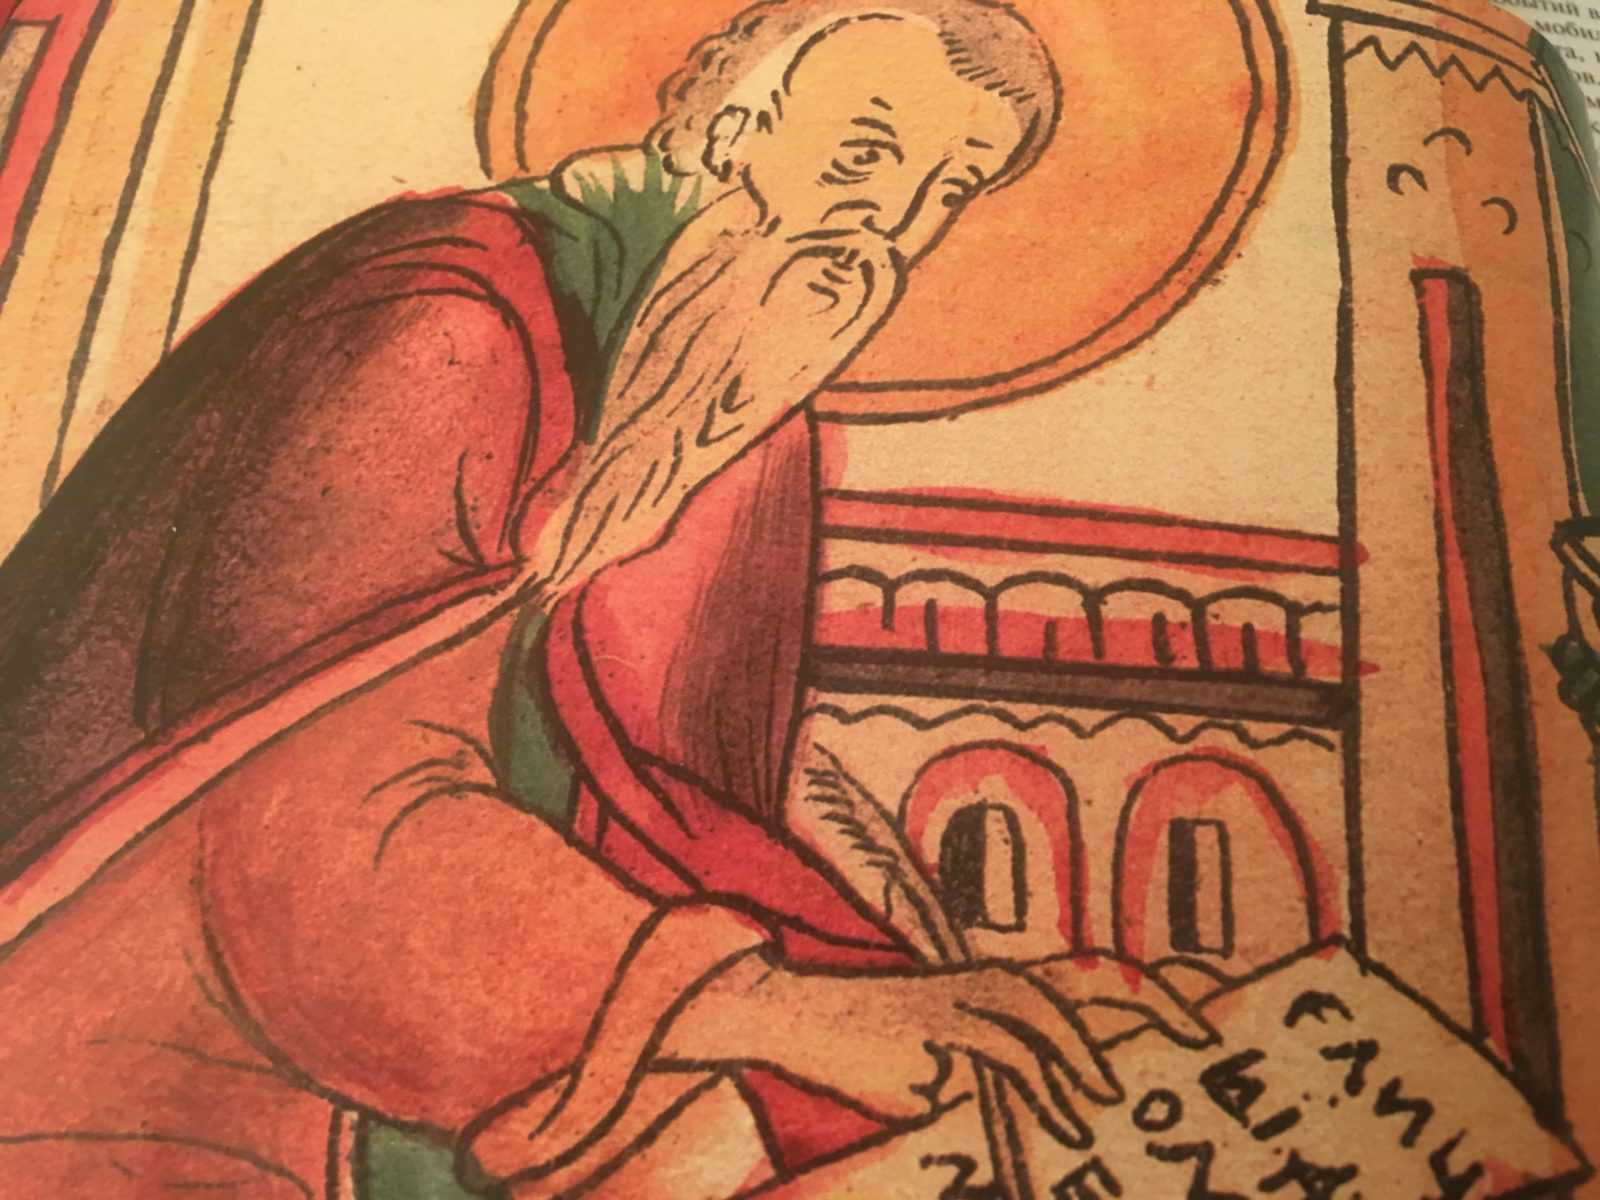 Хоронят ли в воскресенье, можно ли хоронить в воскресенье в православии